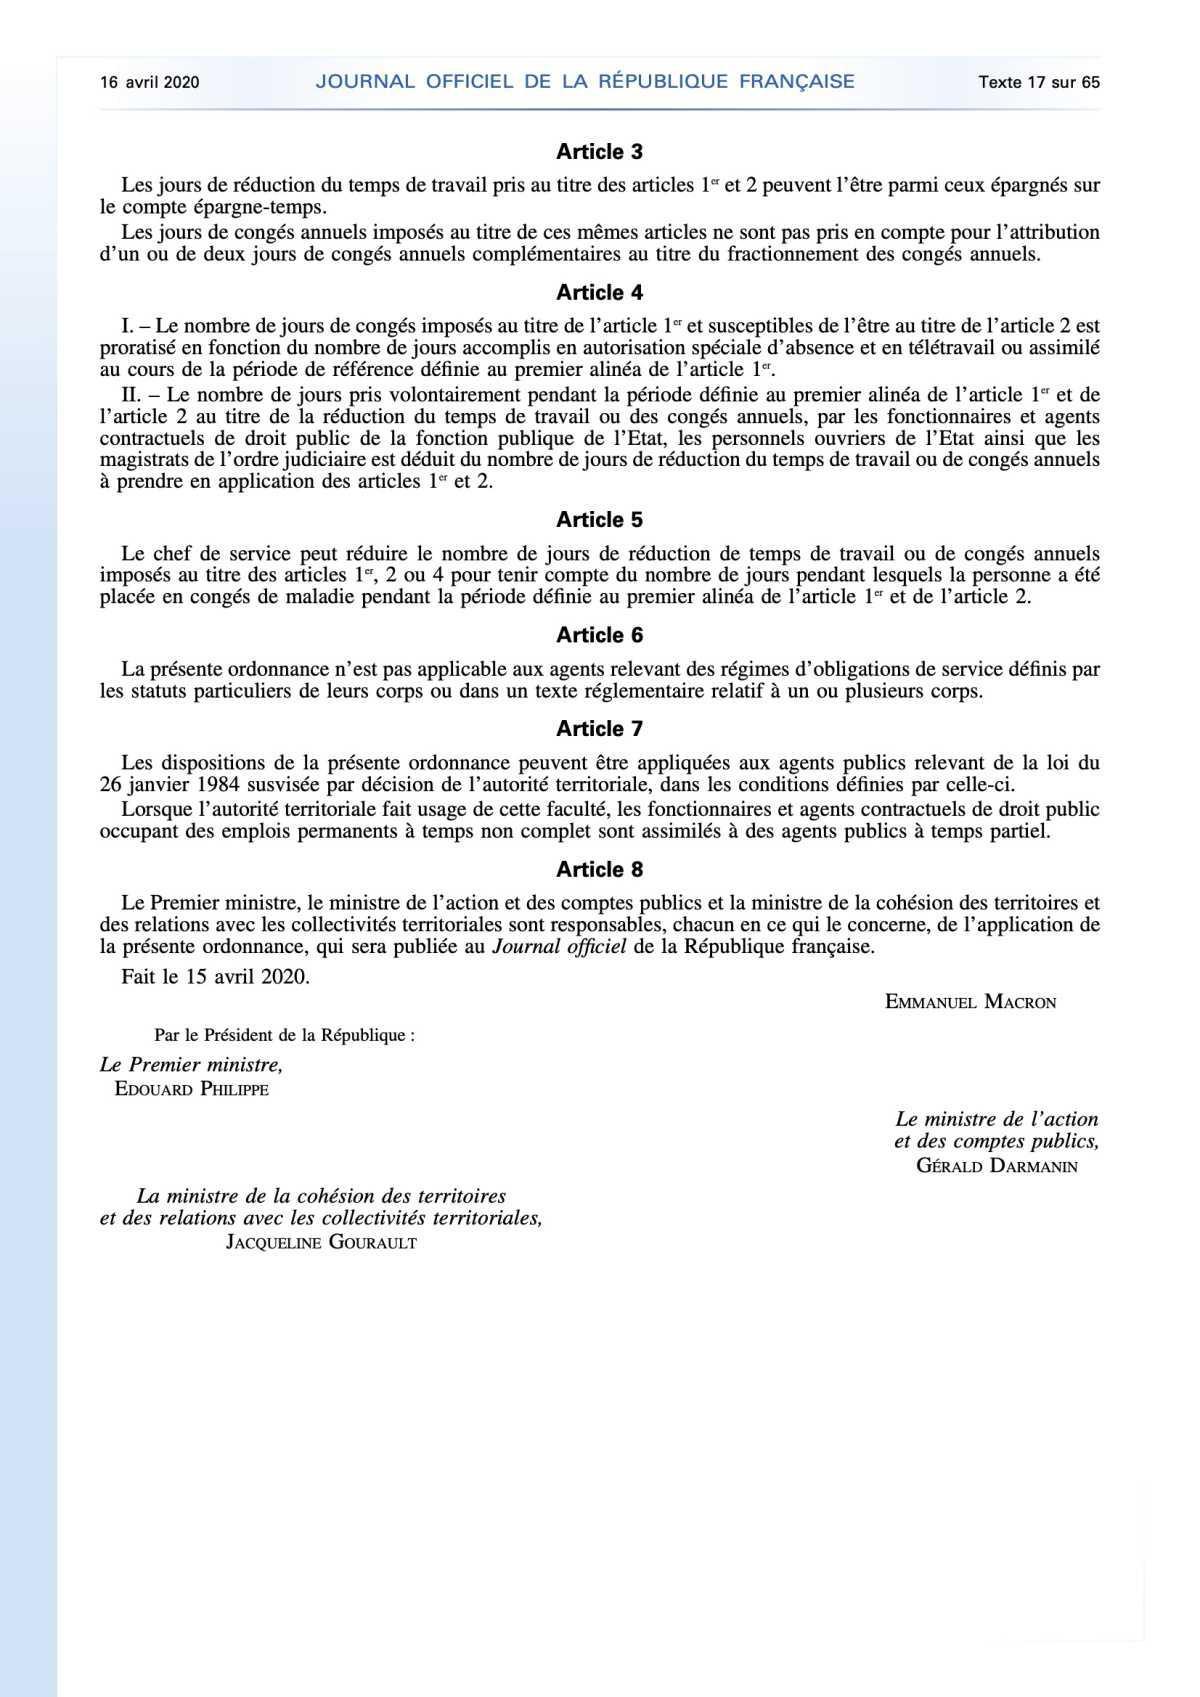 Une ordonnance qui permet aux employeurs publics de décider de la prise de congés ou de RTT